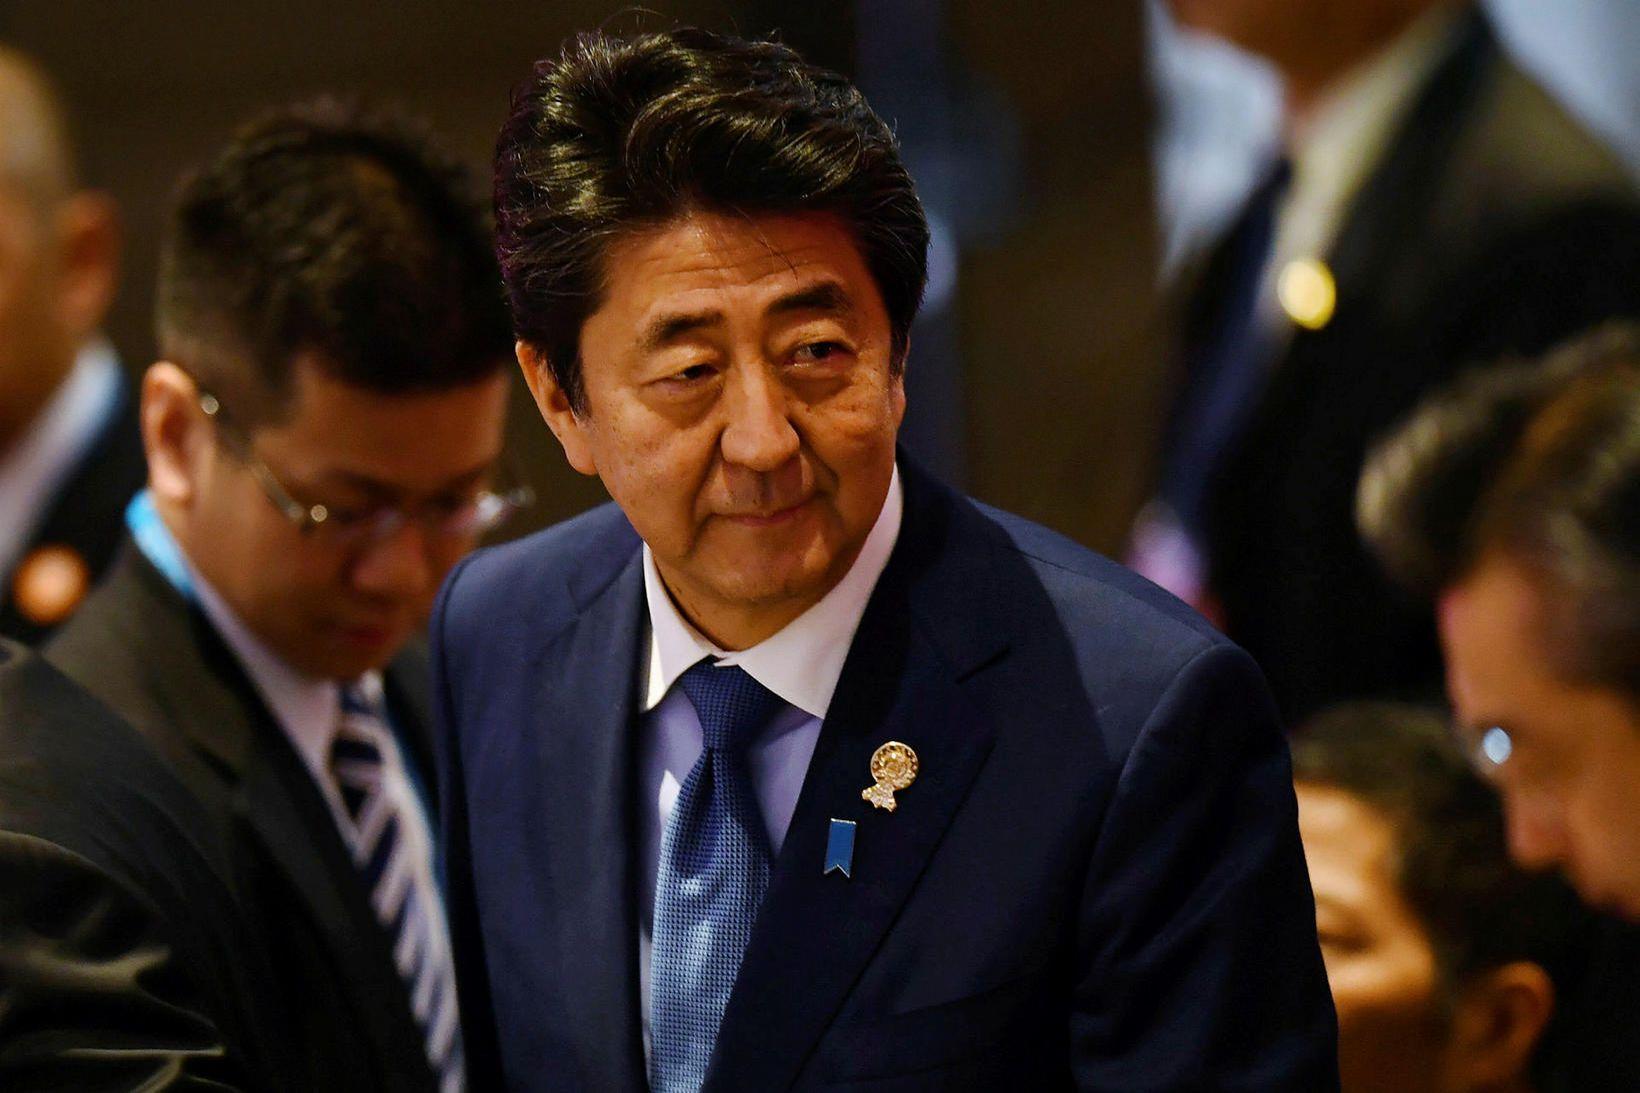 Shinzo Abe, forsætisráðherra Japans. Þar óttast sérfræðingar m.a. að það …